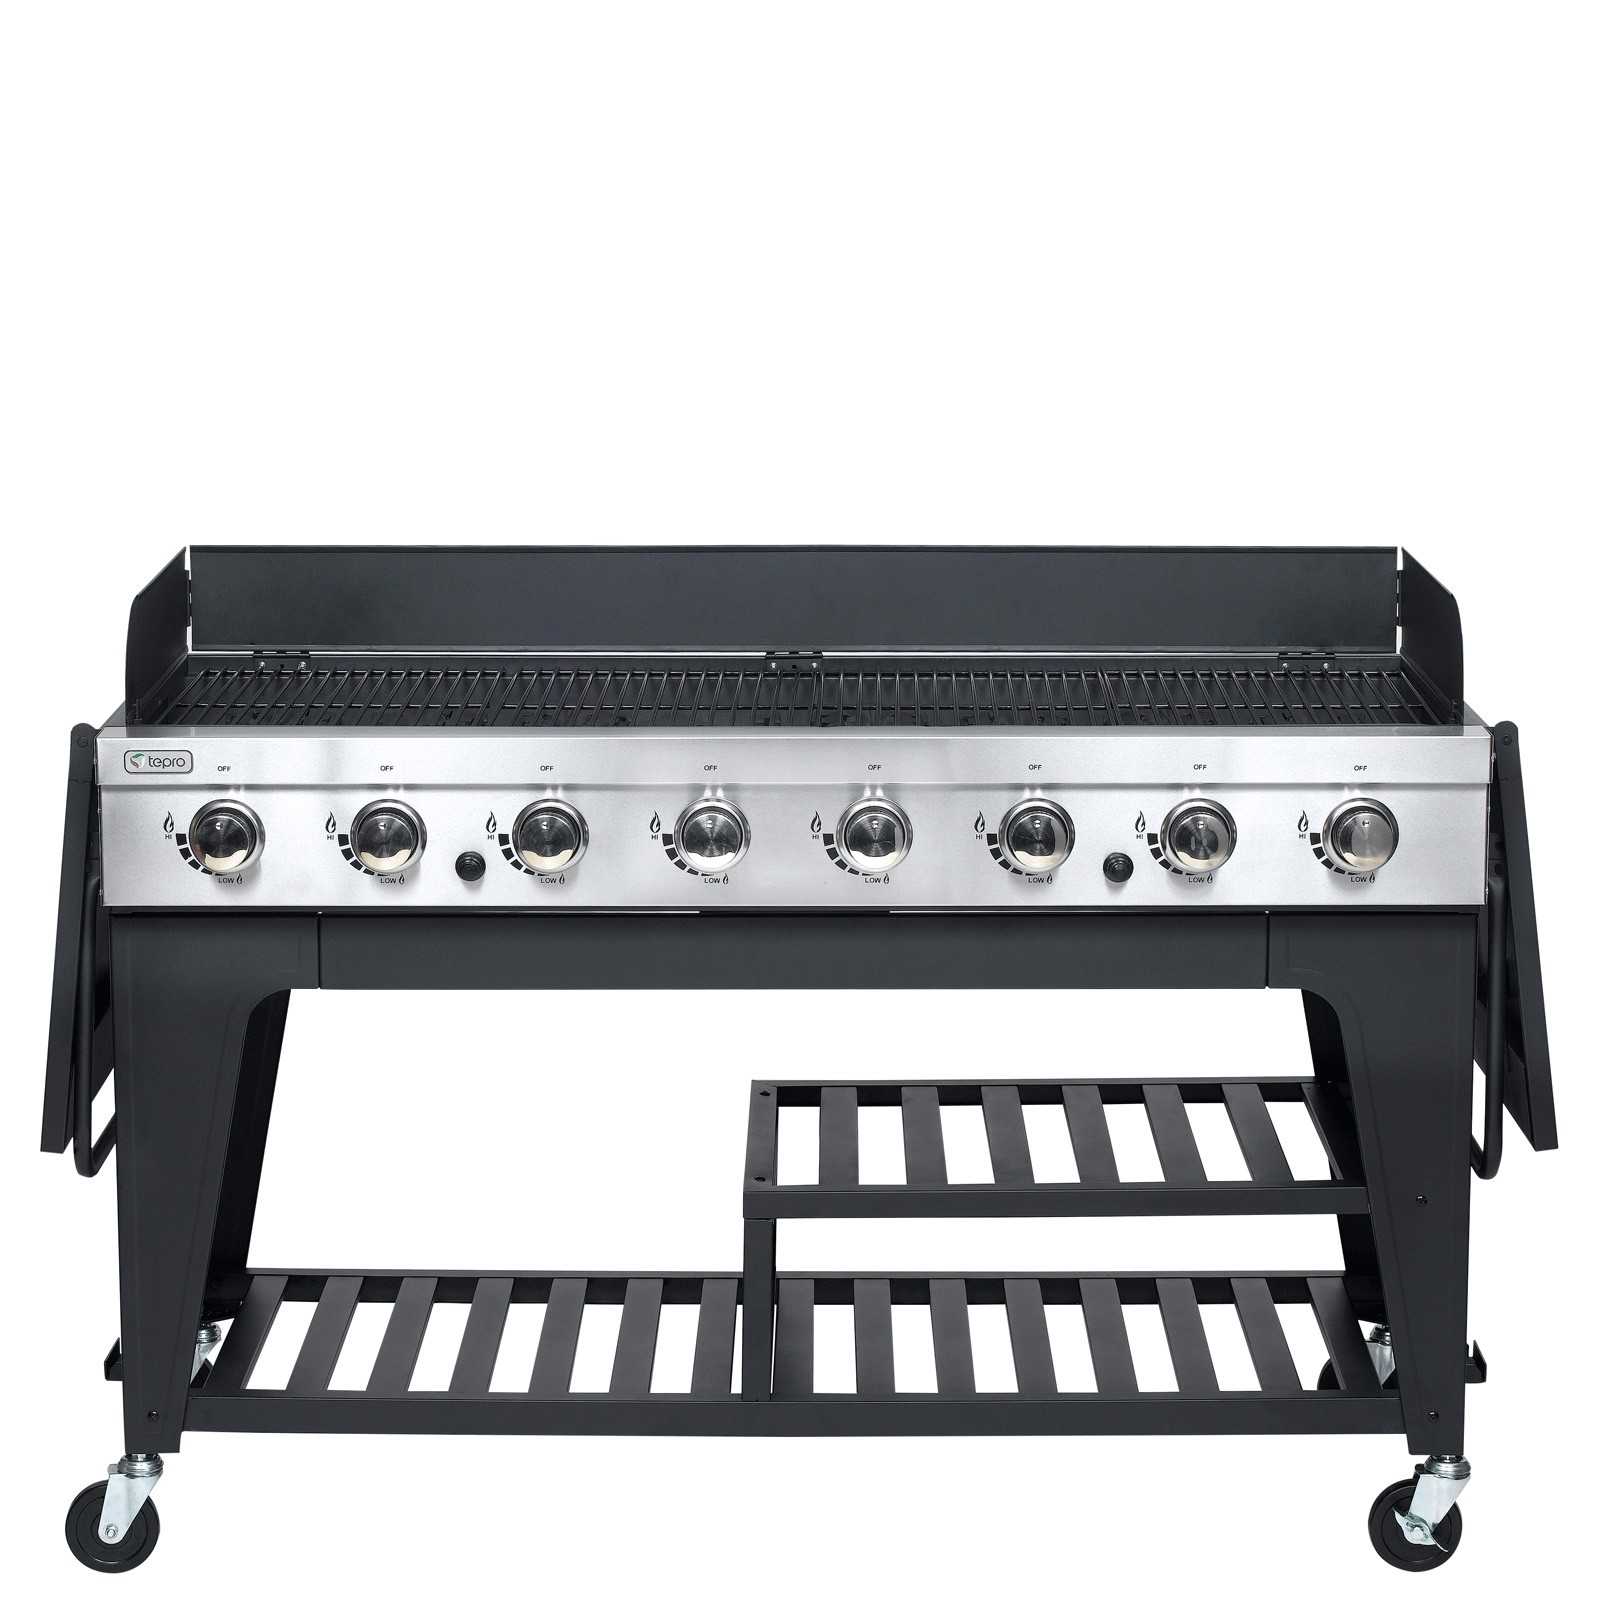 tepro gasgrill grillwagen 8 edelstahl brenner montgomery. Black Bedroom Furniture Sets. Home Design Ideas